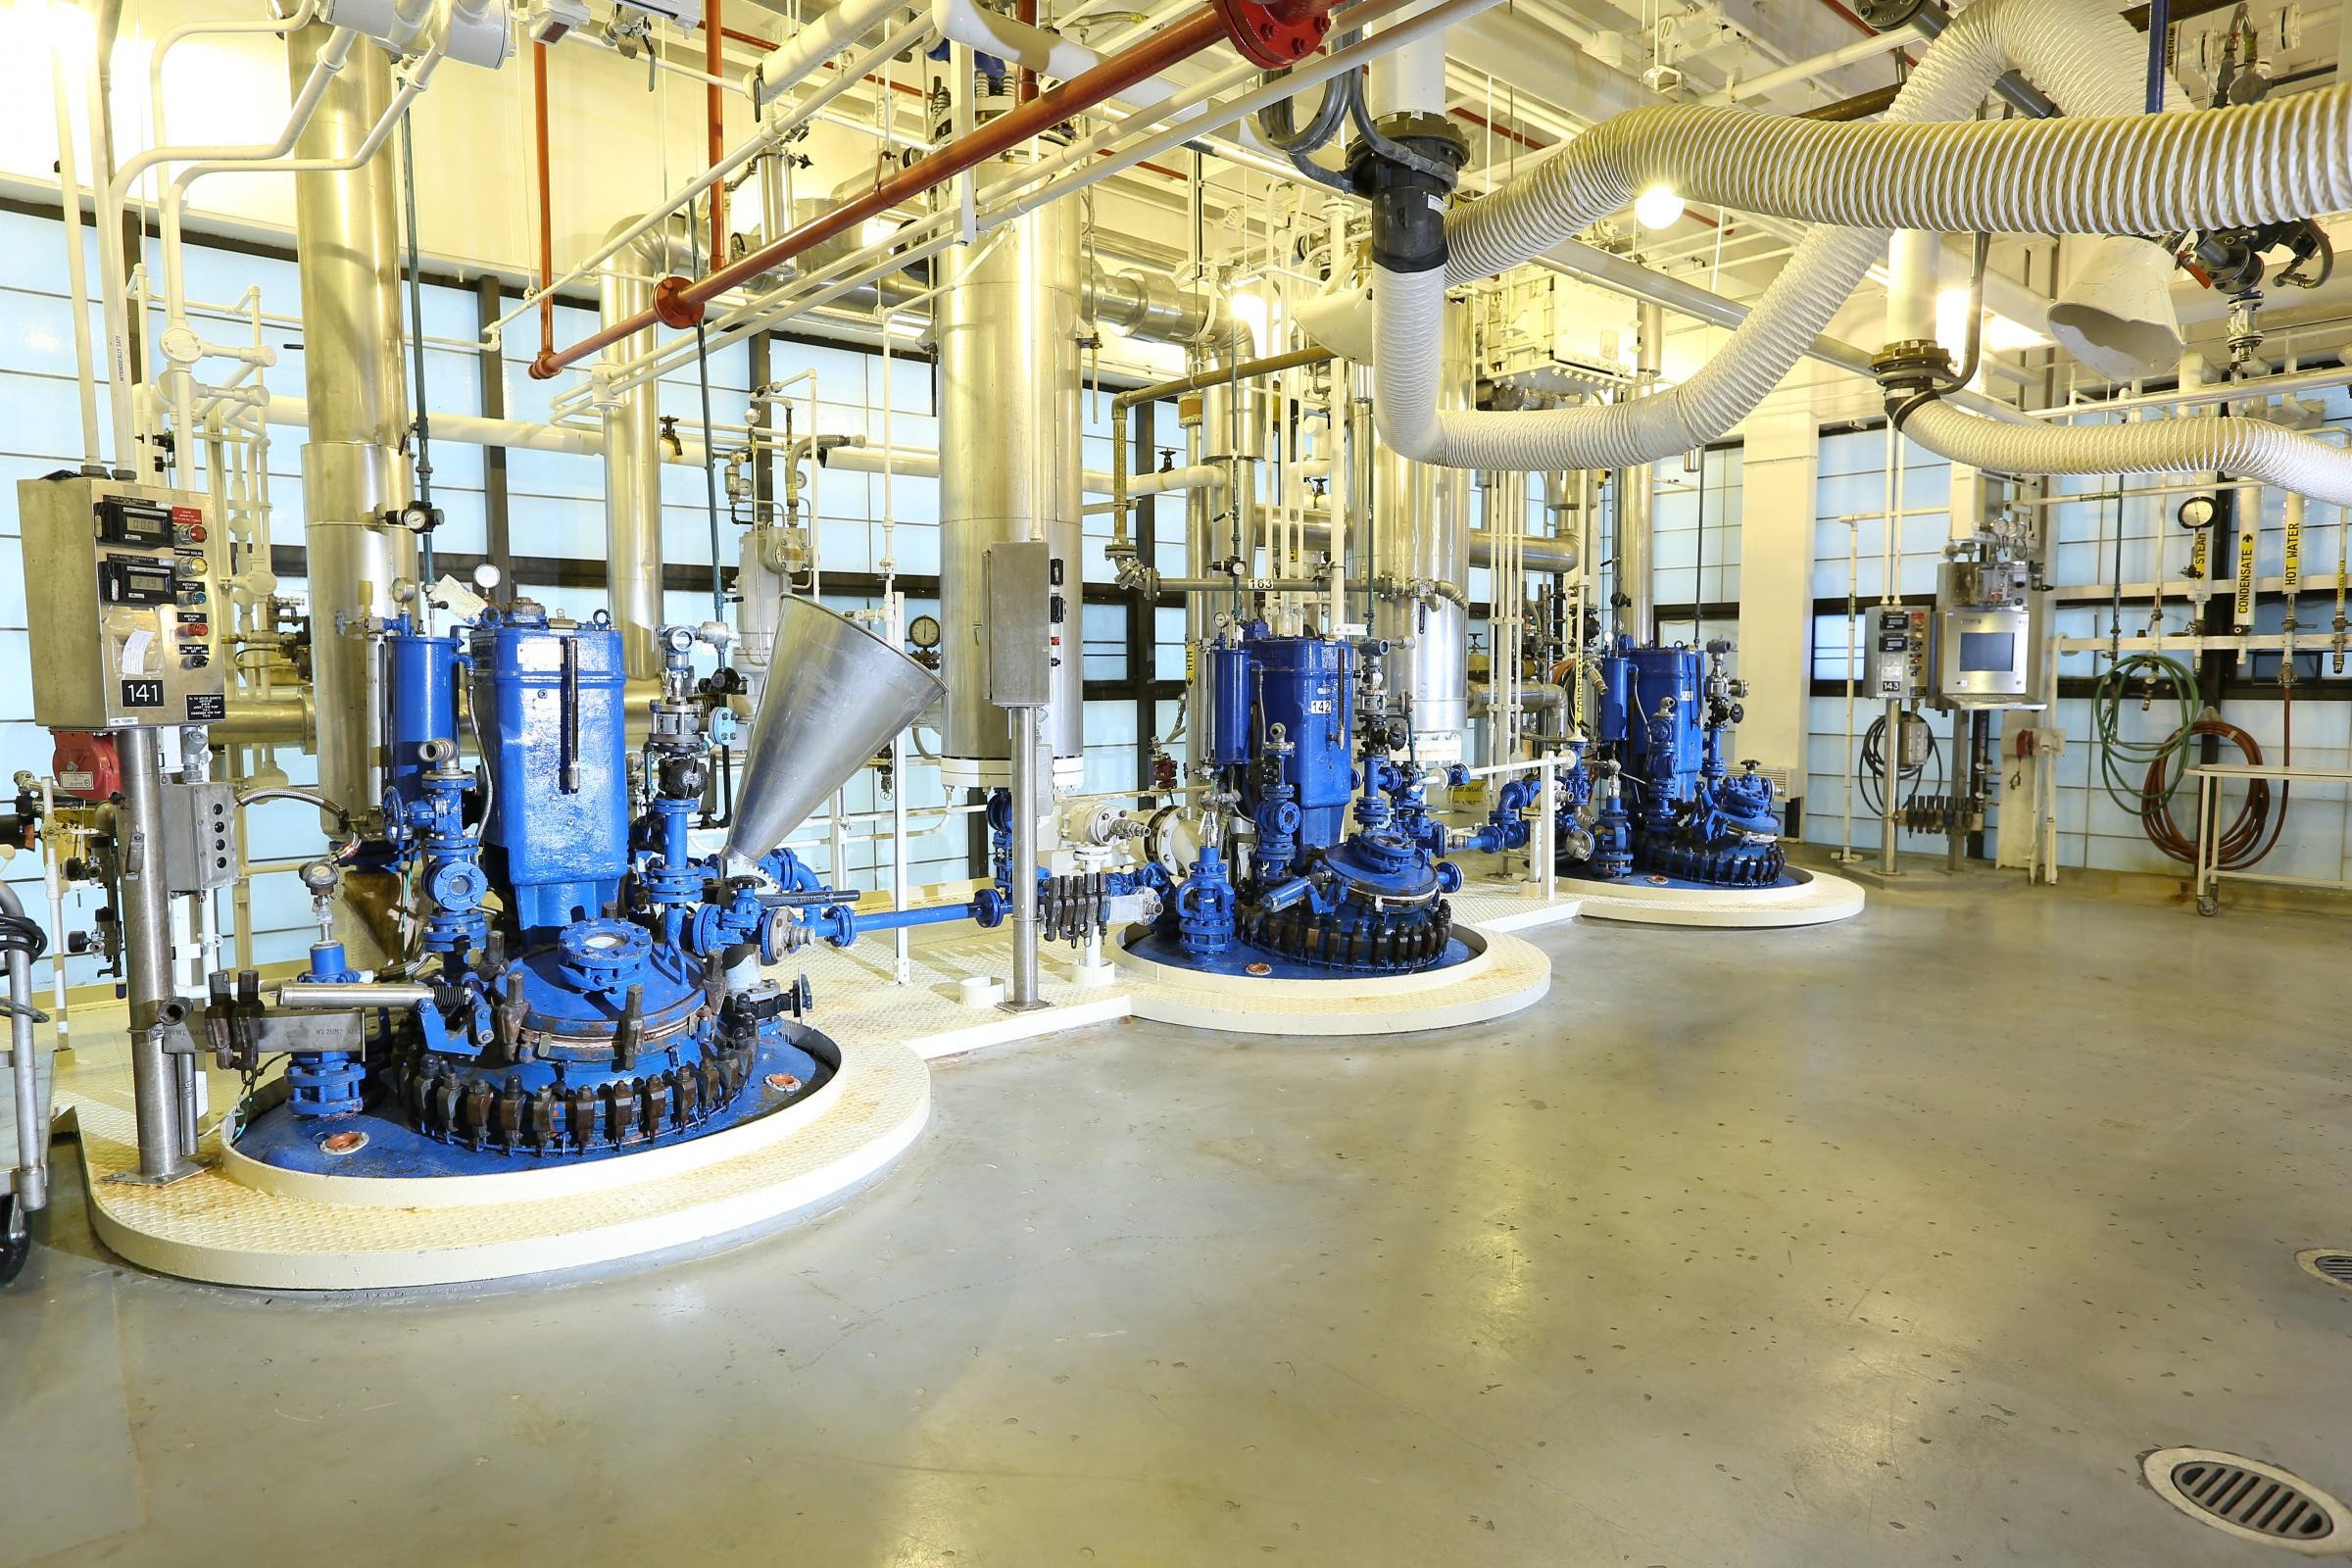 4000l reactors